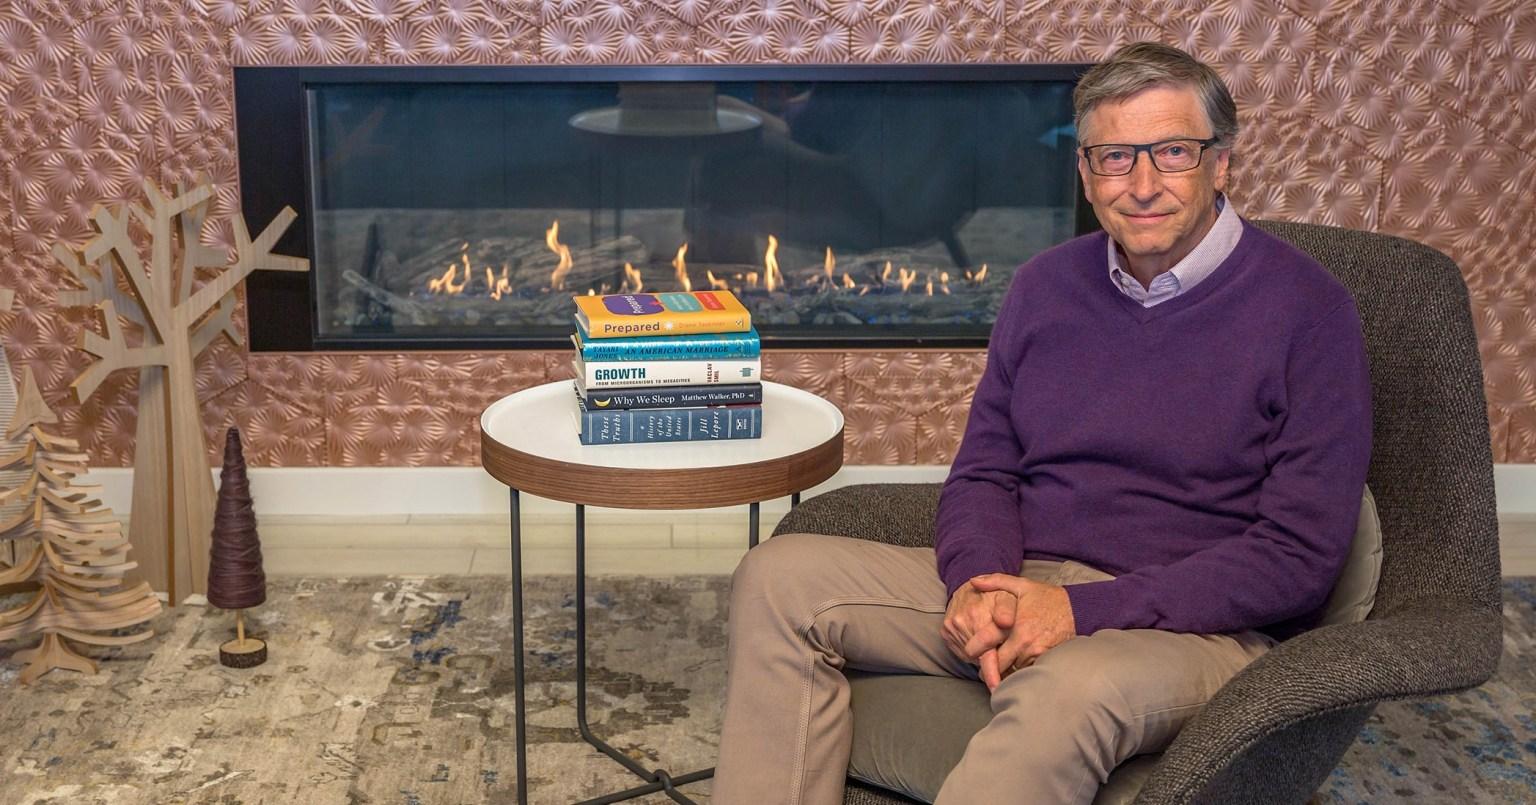 Bill Qeyts 2020-ci ilin qışında bu 5 kitabı oxumağı tövsiyə edir